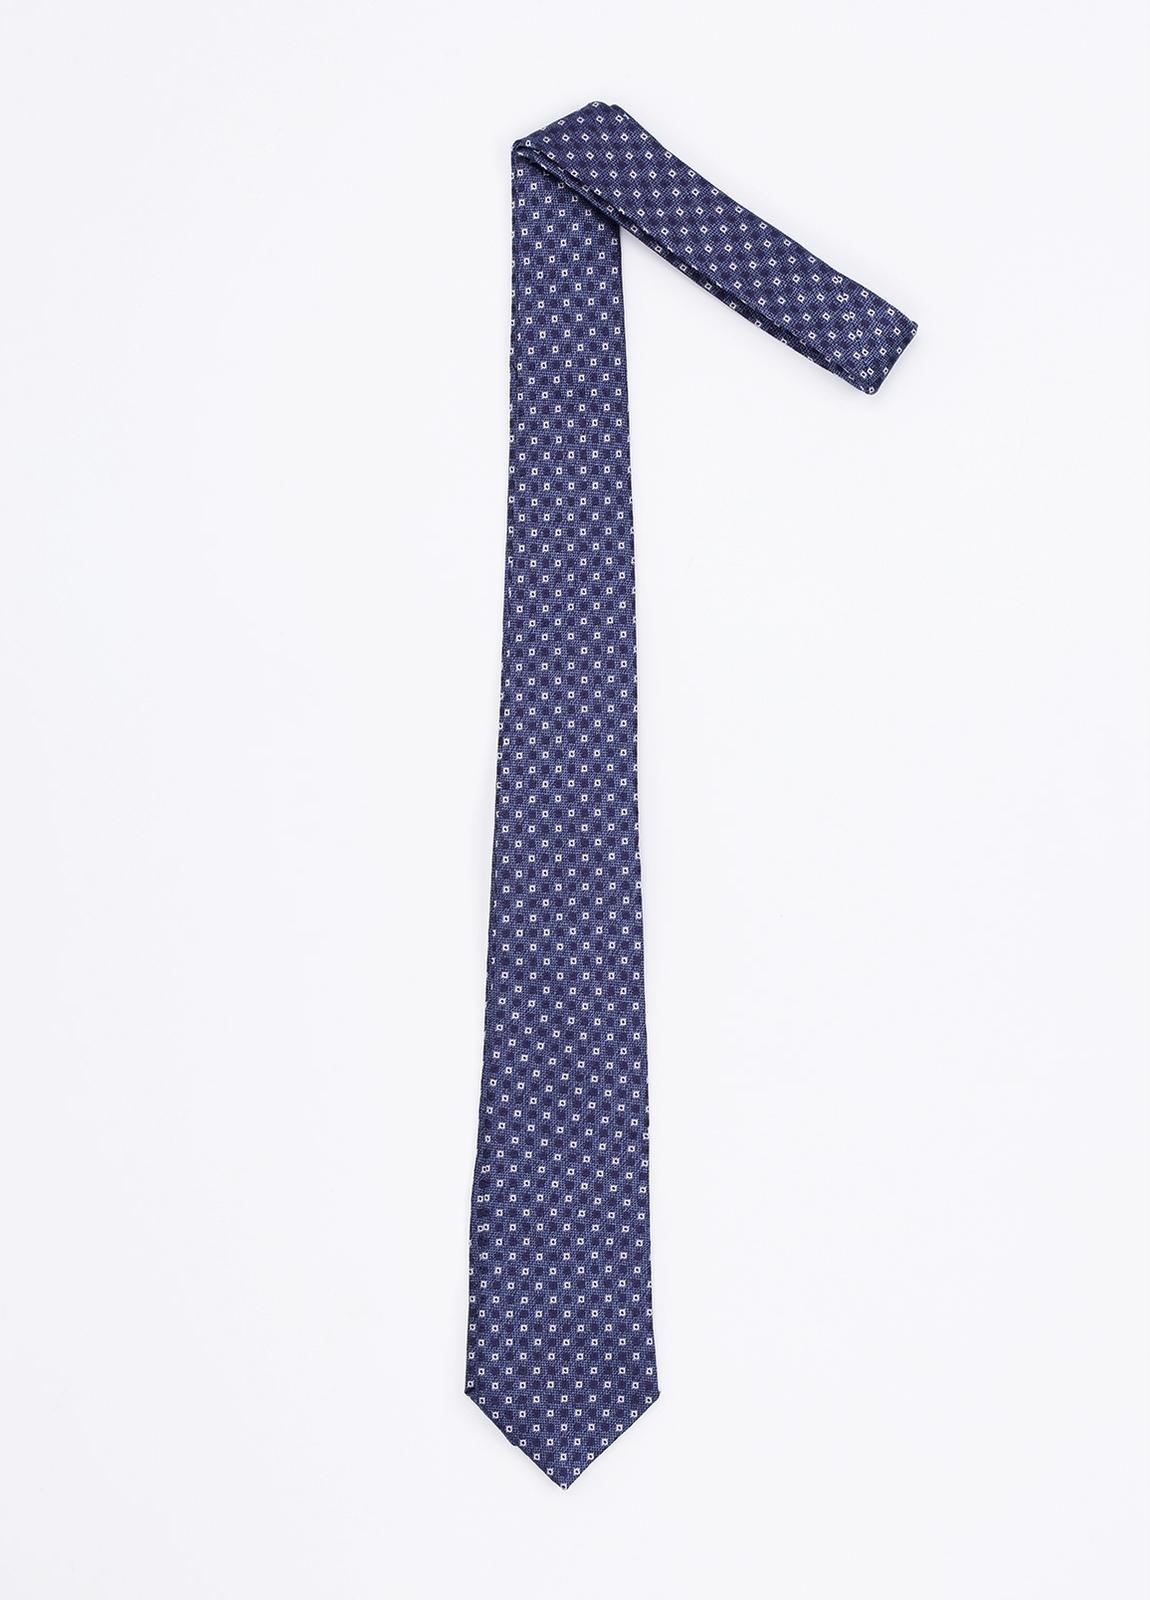 Corbata Formal Wear estampado geométrico, color azul. Pala 7,5 cm. 100% Seda.